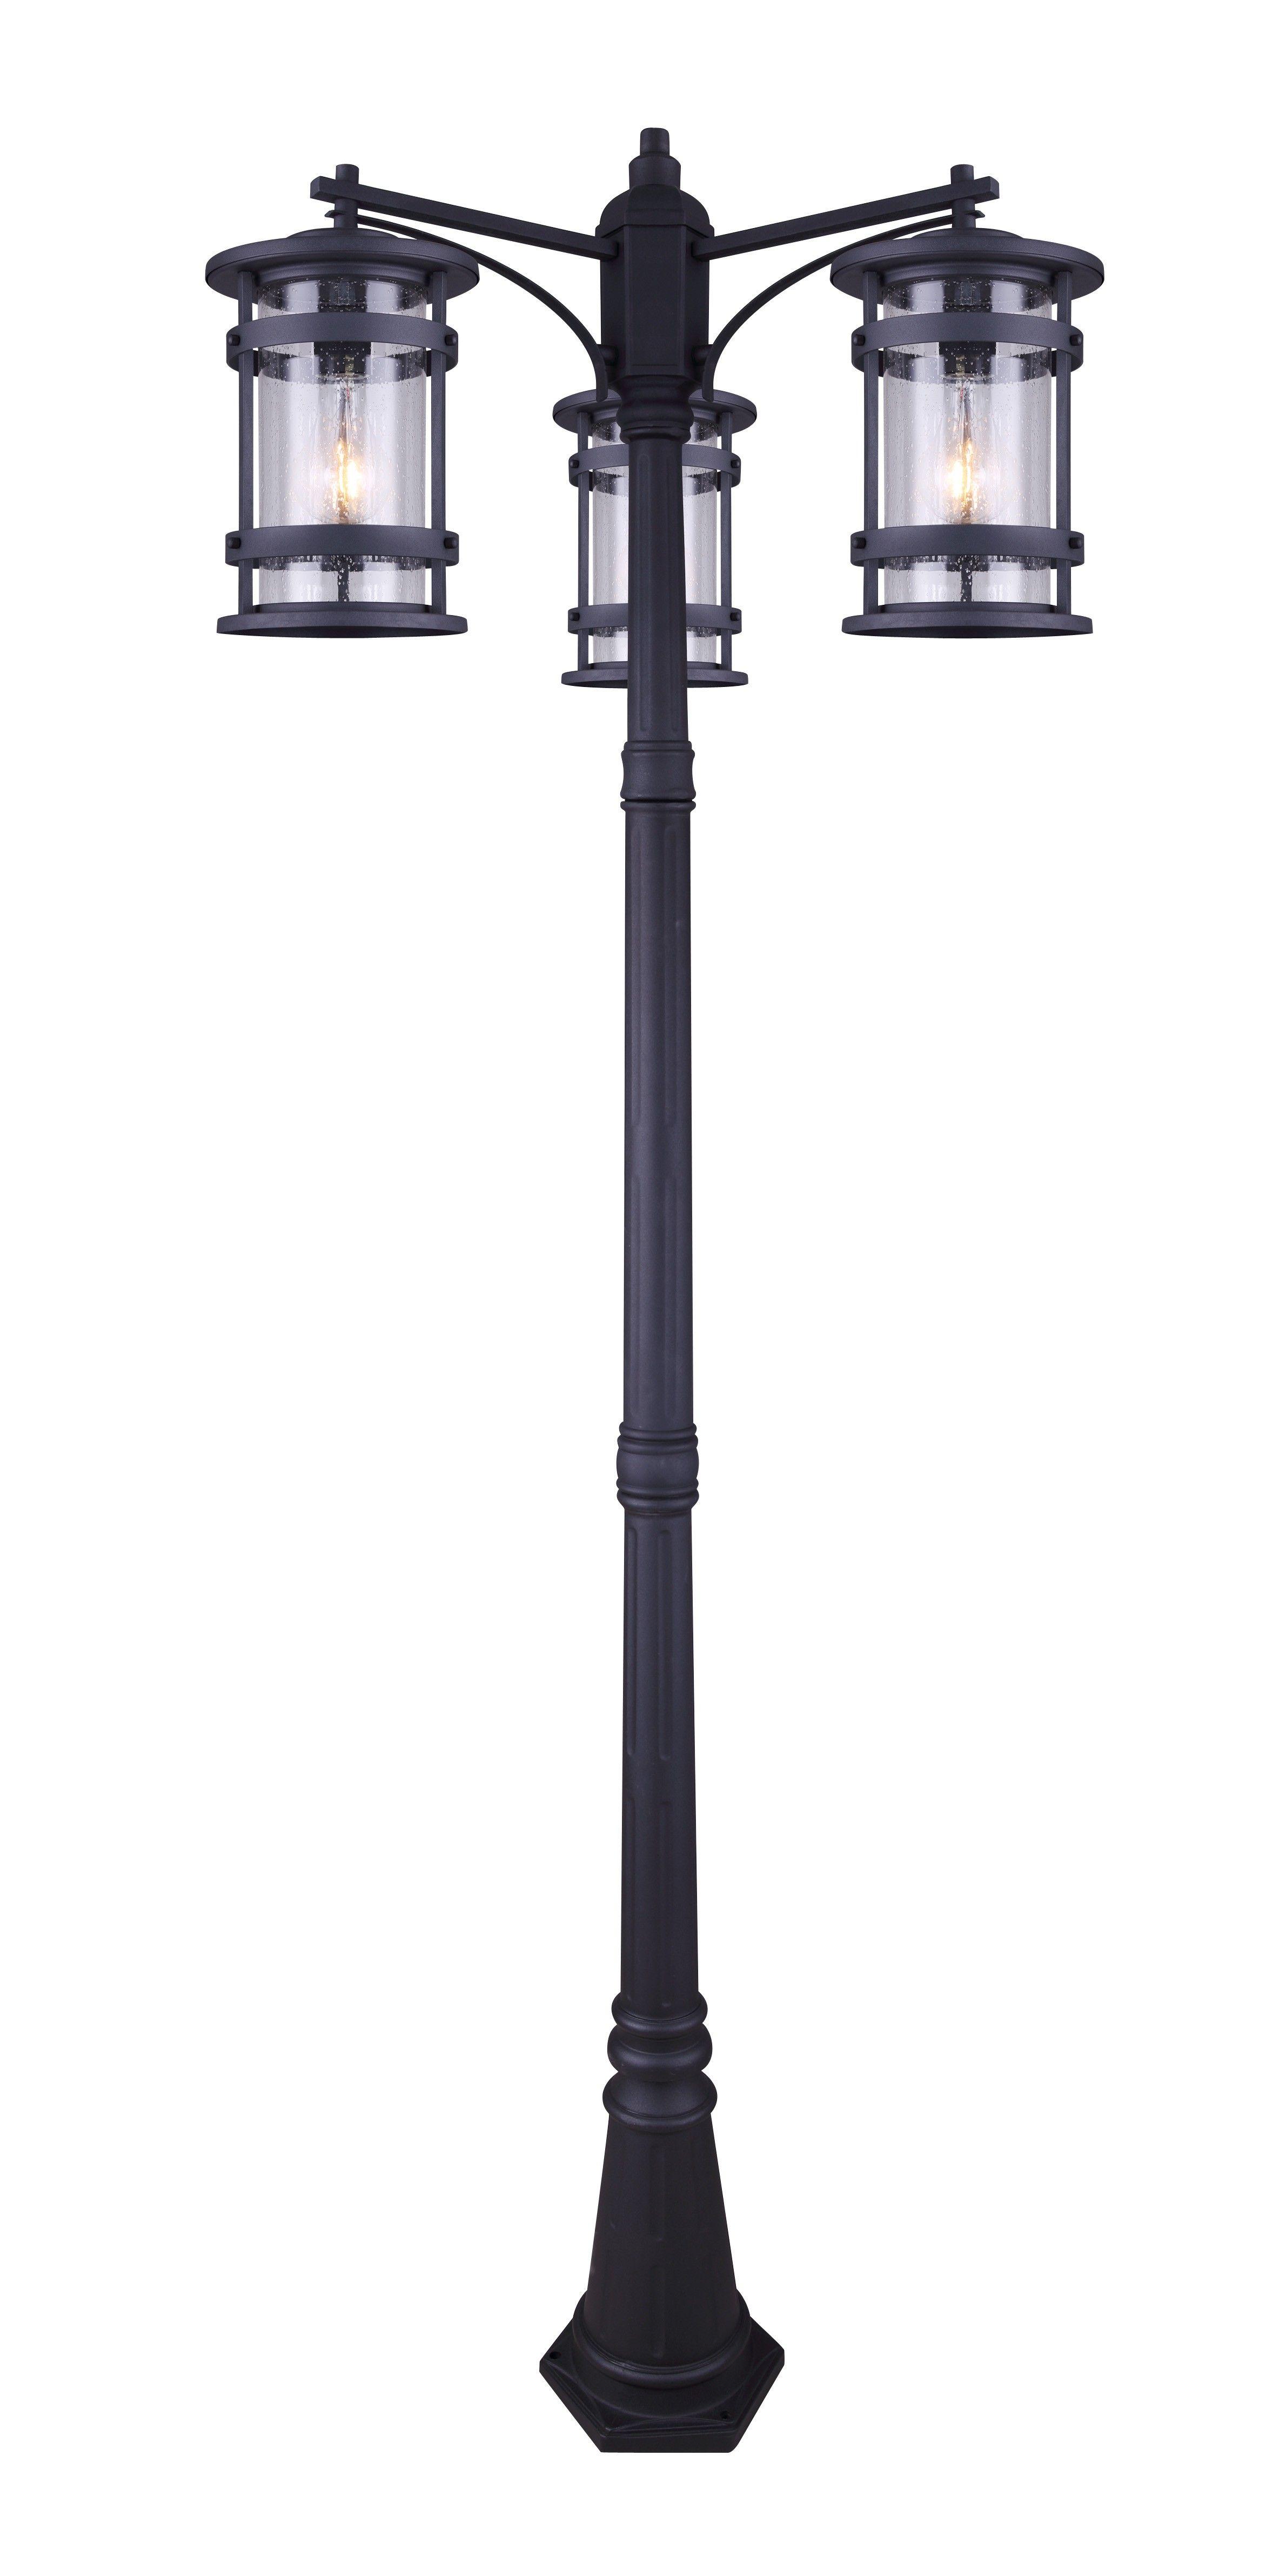 Canarm Iol344bk Duffy 3 Light Outdoor Post Light Black Outdoor Post Lights Post Lights Outdoor Lamp Post Lights